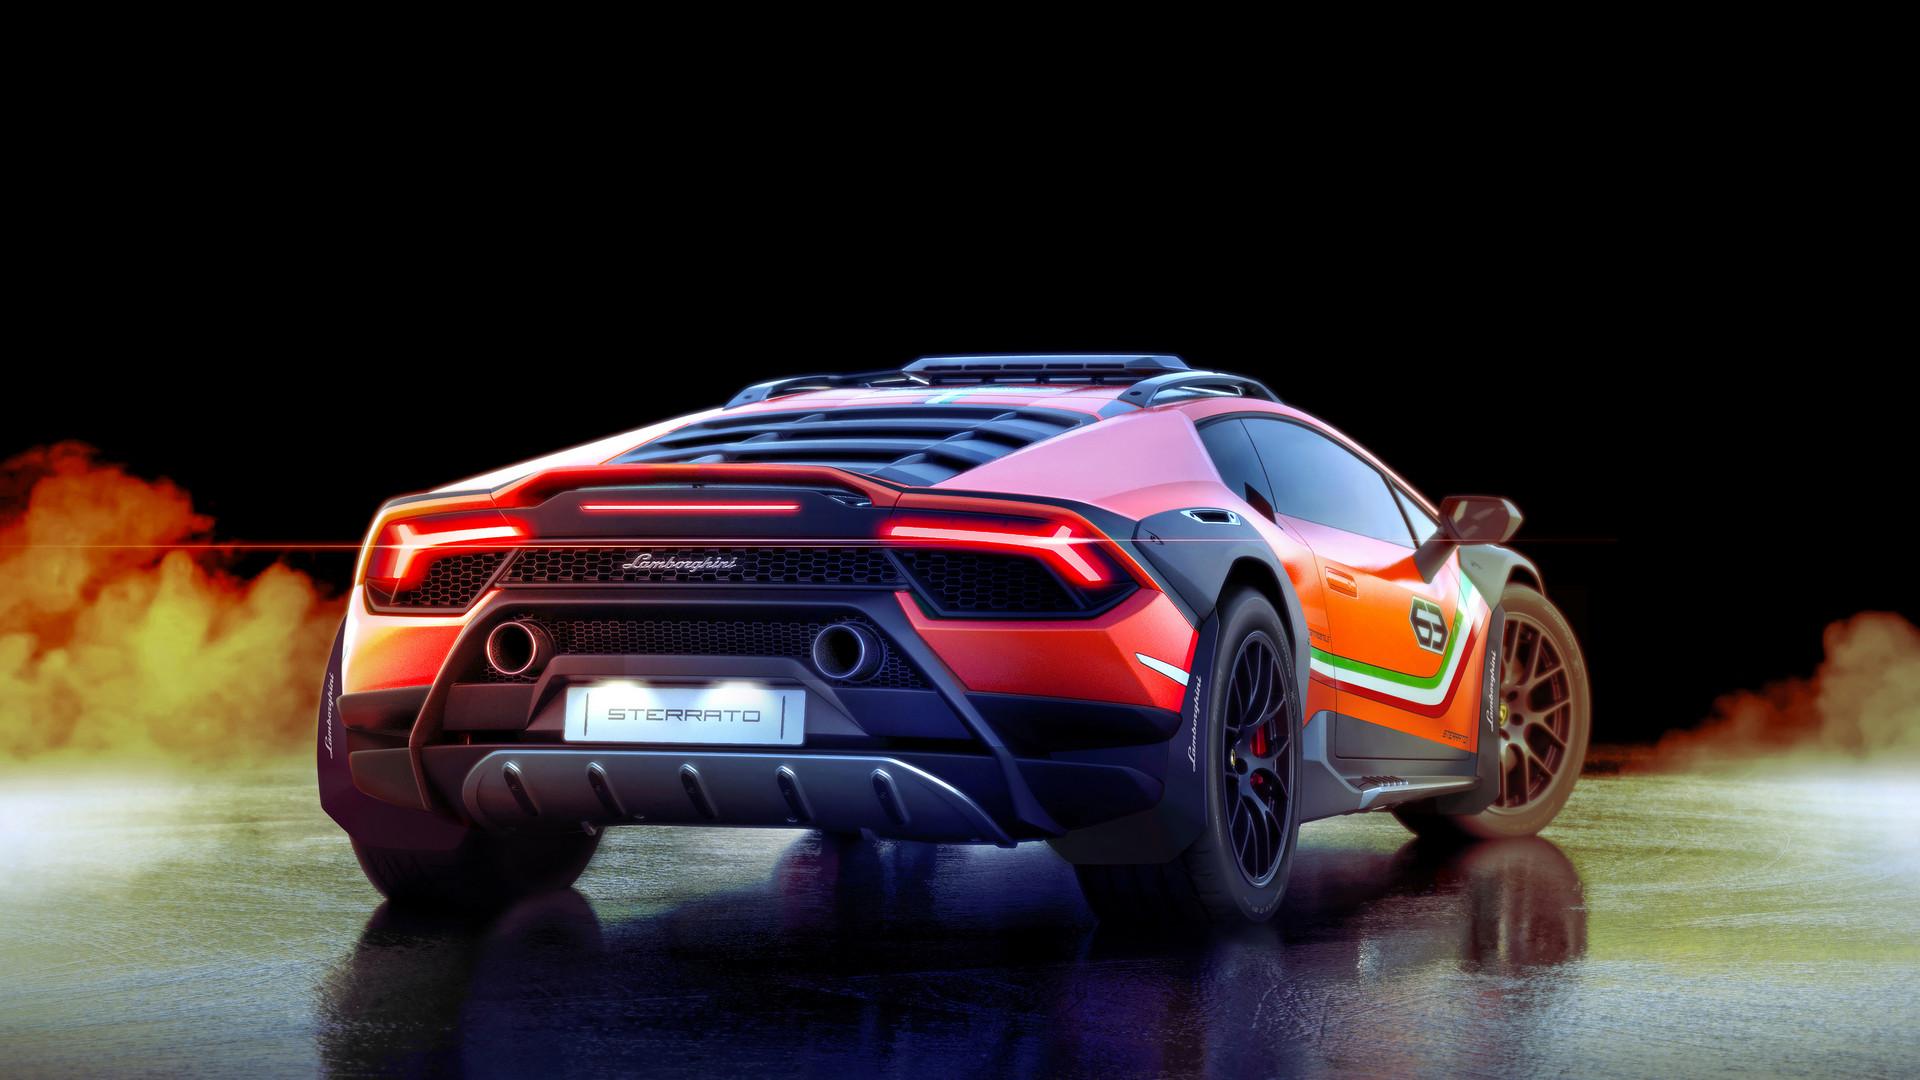 Lamborghini Huracan Sterrato Rear View